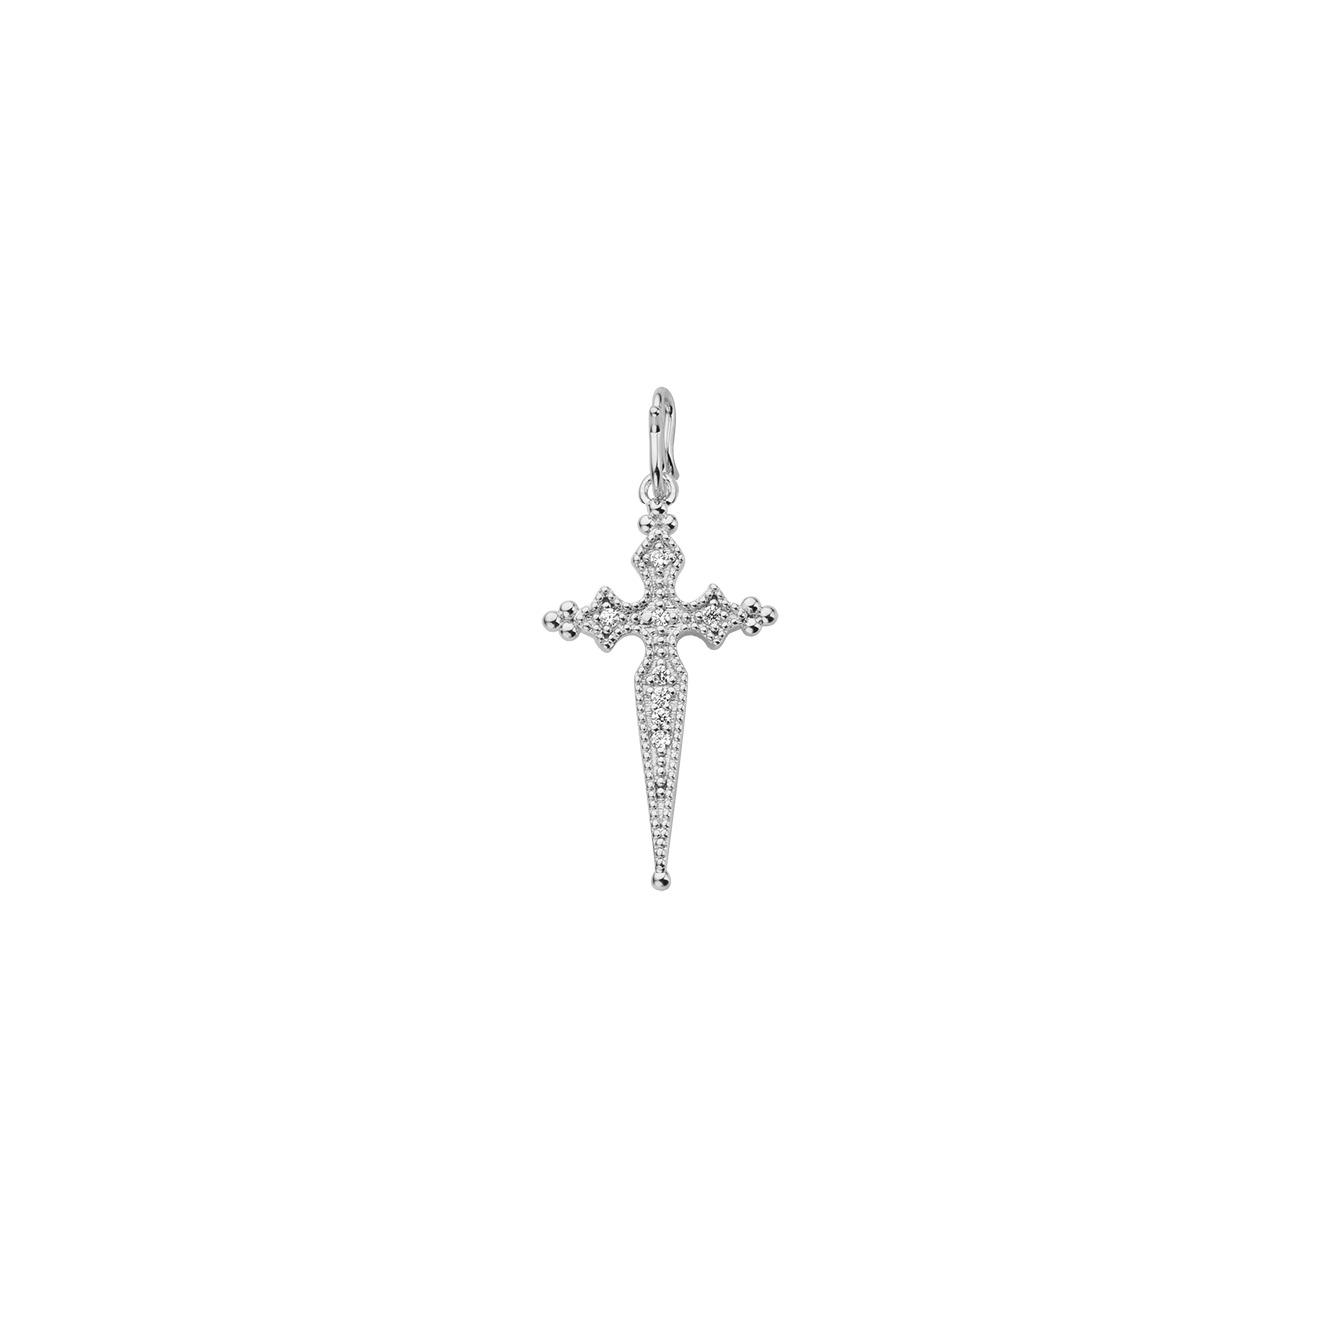 Mya Bay Покрытая серебром подвеска-крест с кристаллами Juliette